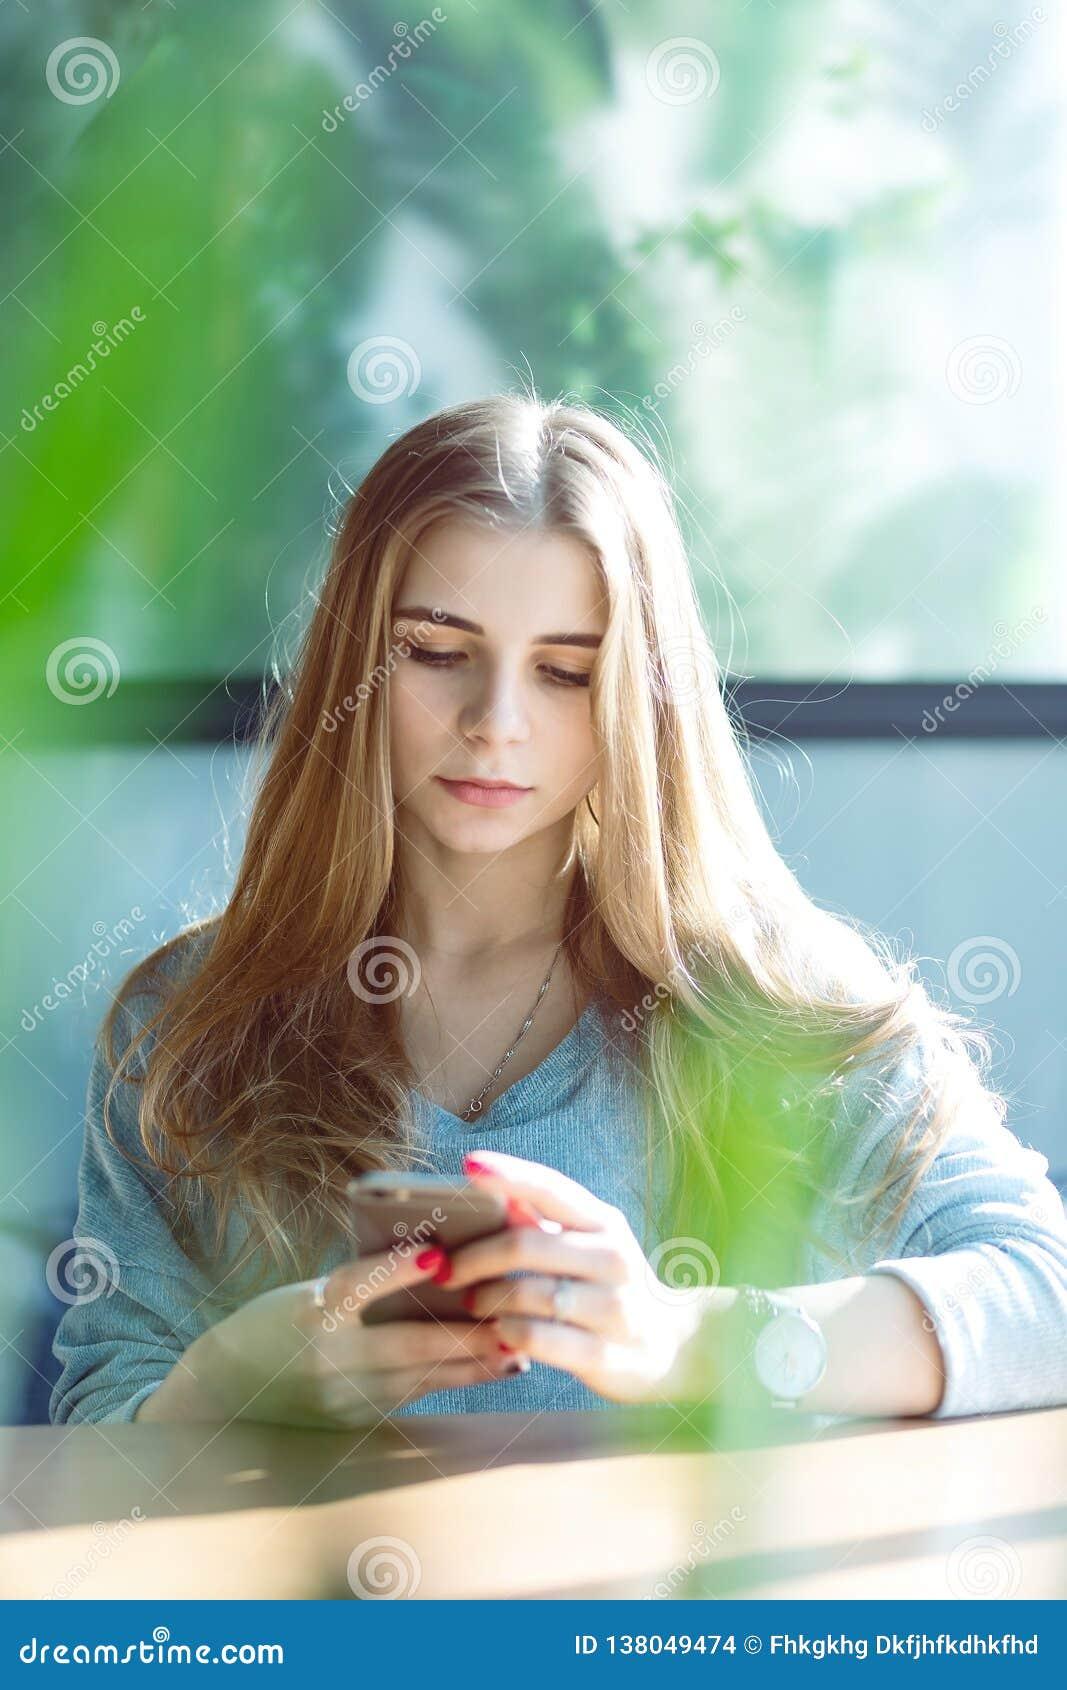 Όμορφη νέα γυναίκα που βάζει σε έναν καναπέ στο σπίτι, χρησιμοποιώντας το κινητό τηλέφωνο